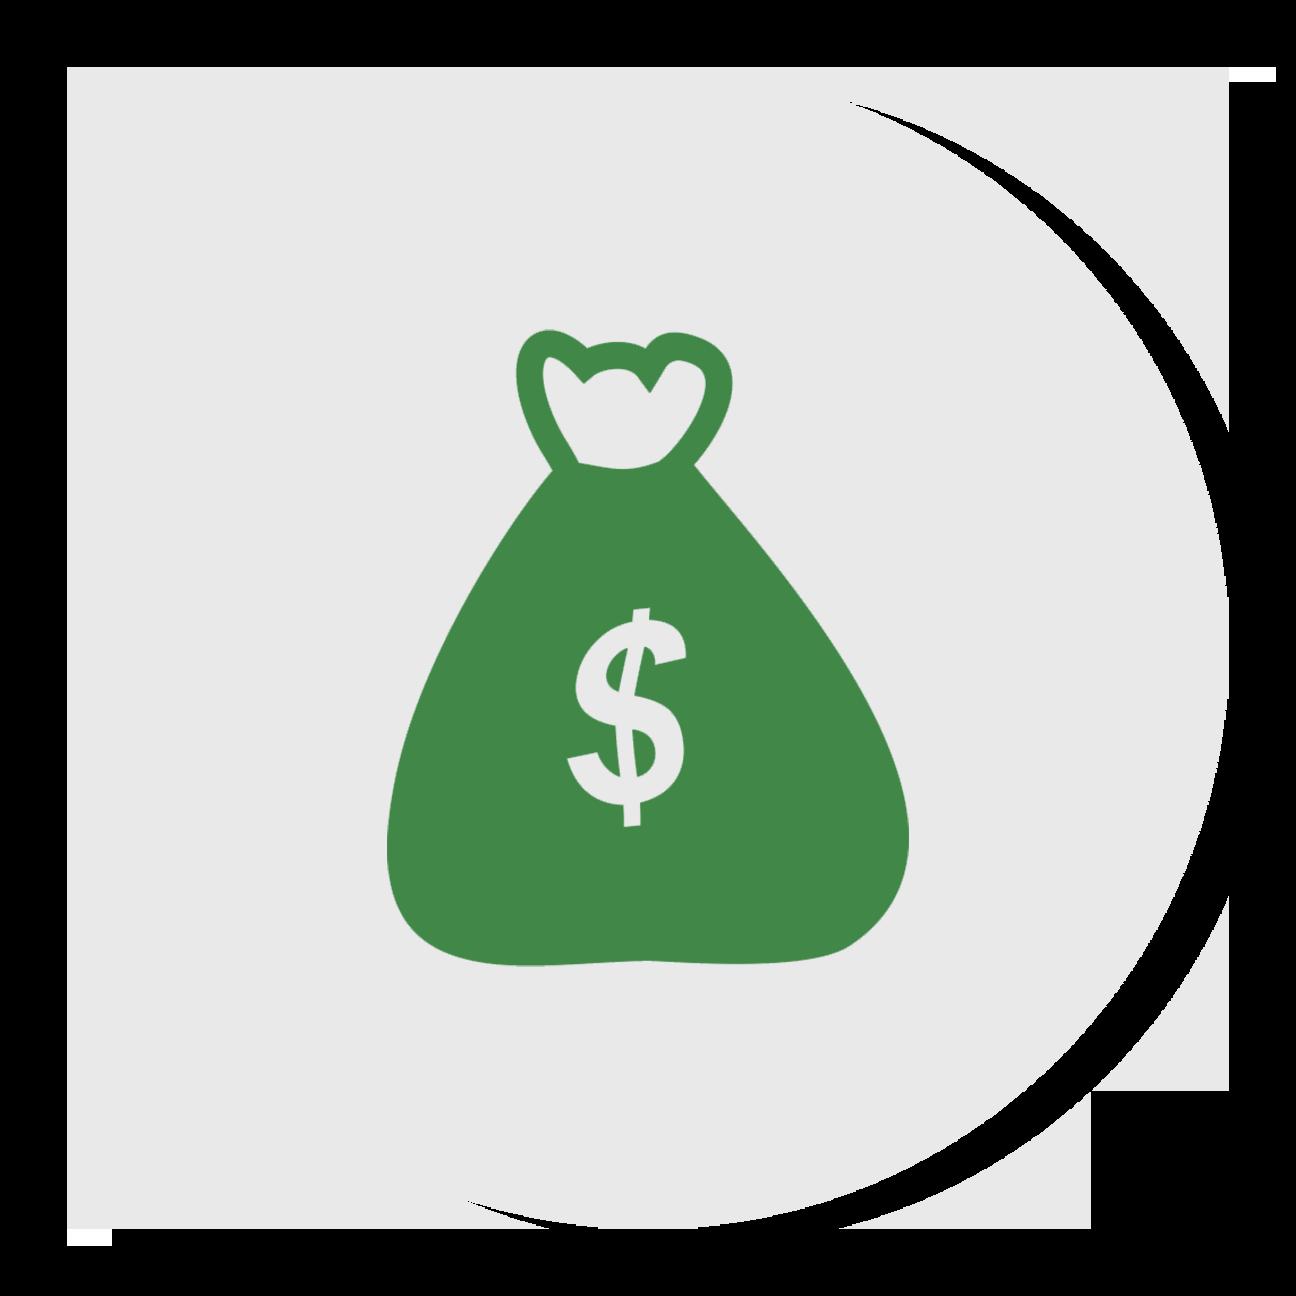 2058 - Money Bag